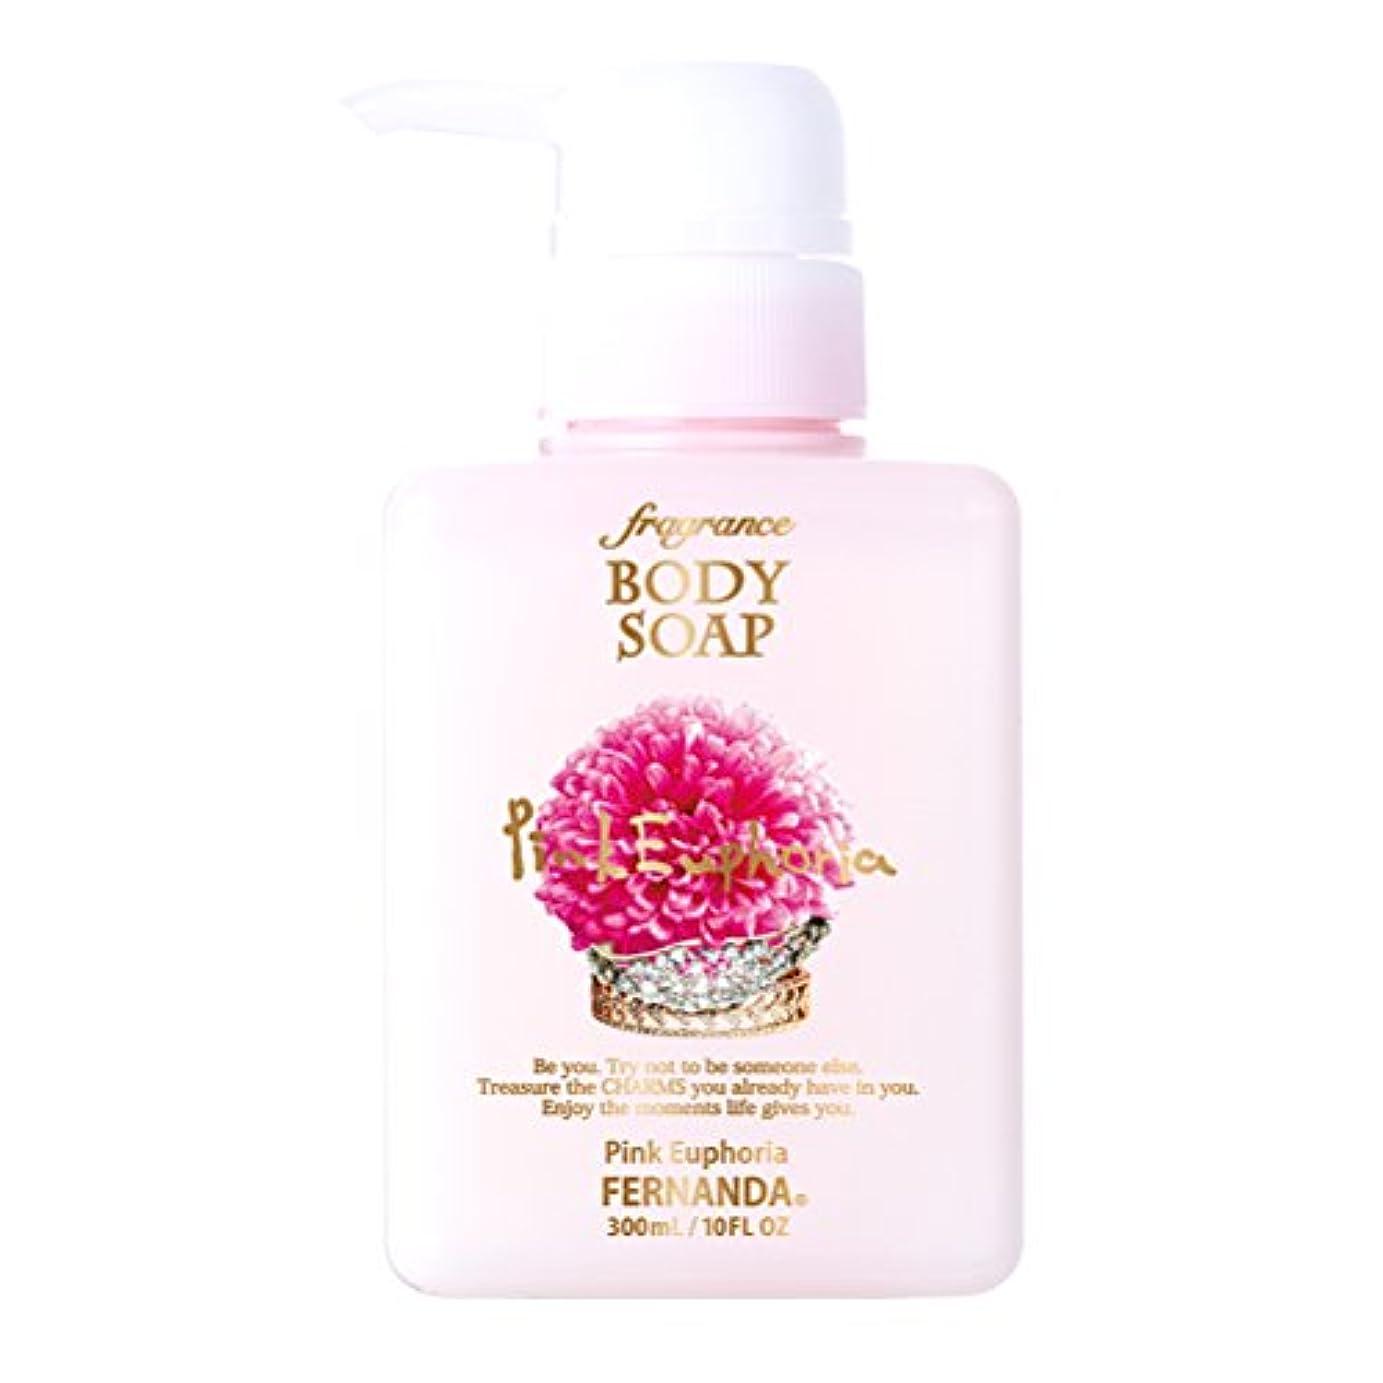 勇敢な上級ダースFERNANDA(フェルナンダ) Fragrance Body Soap Pink Euphoria (ボディソープ ピンクエウフォリア)